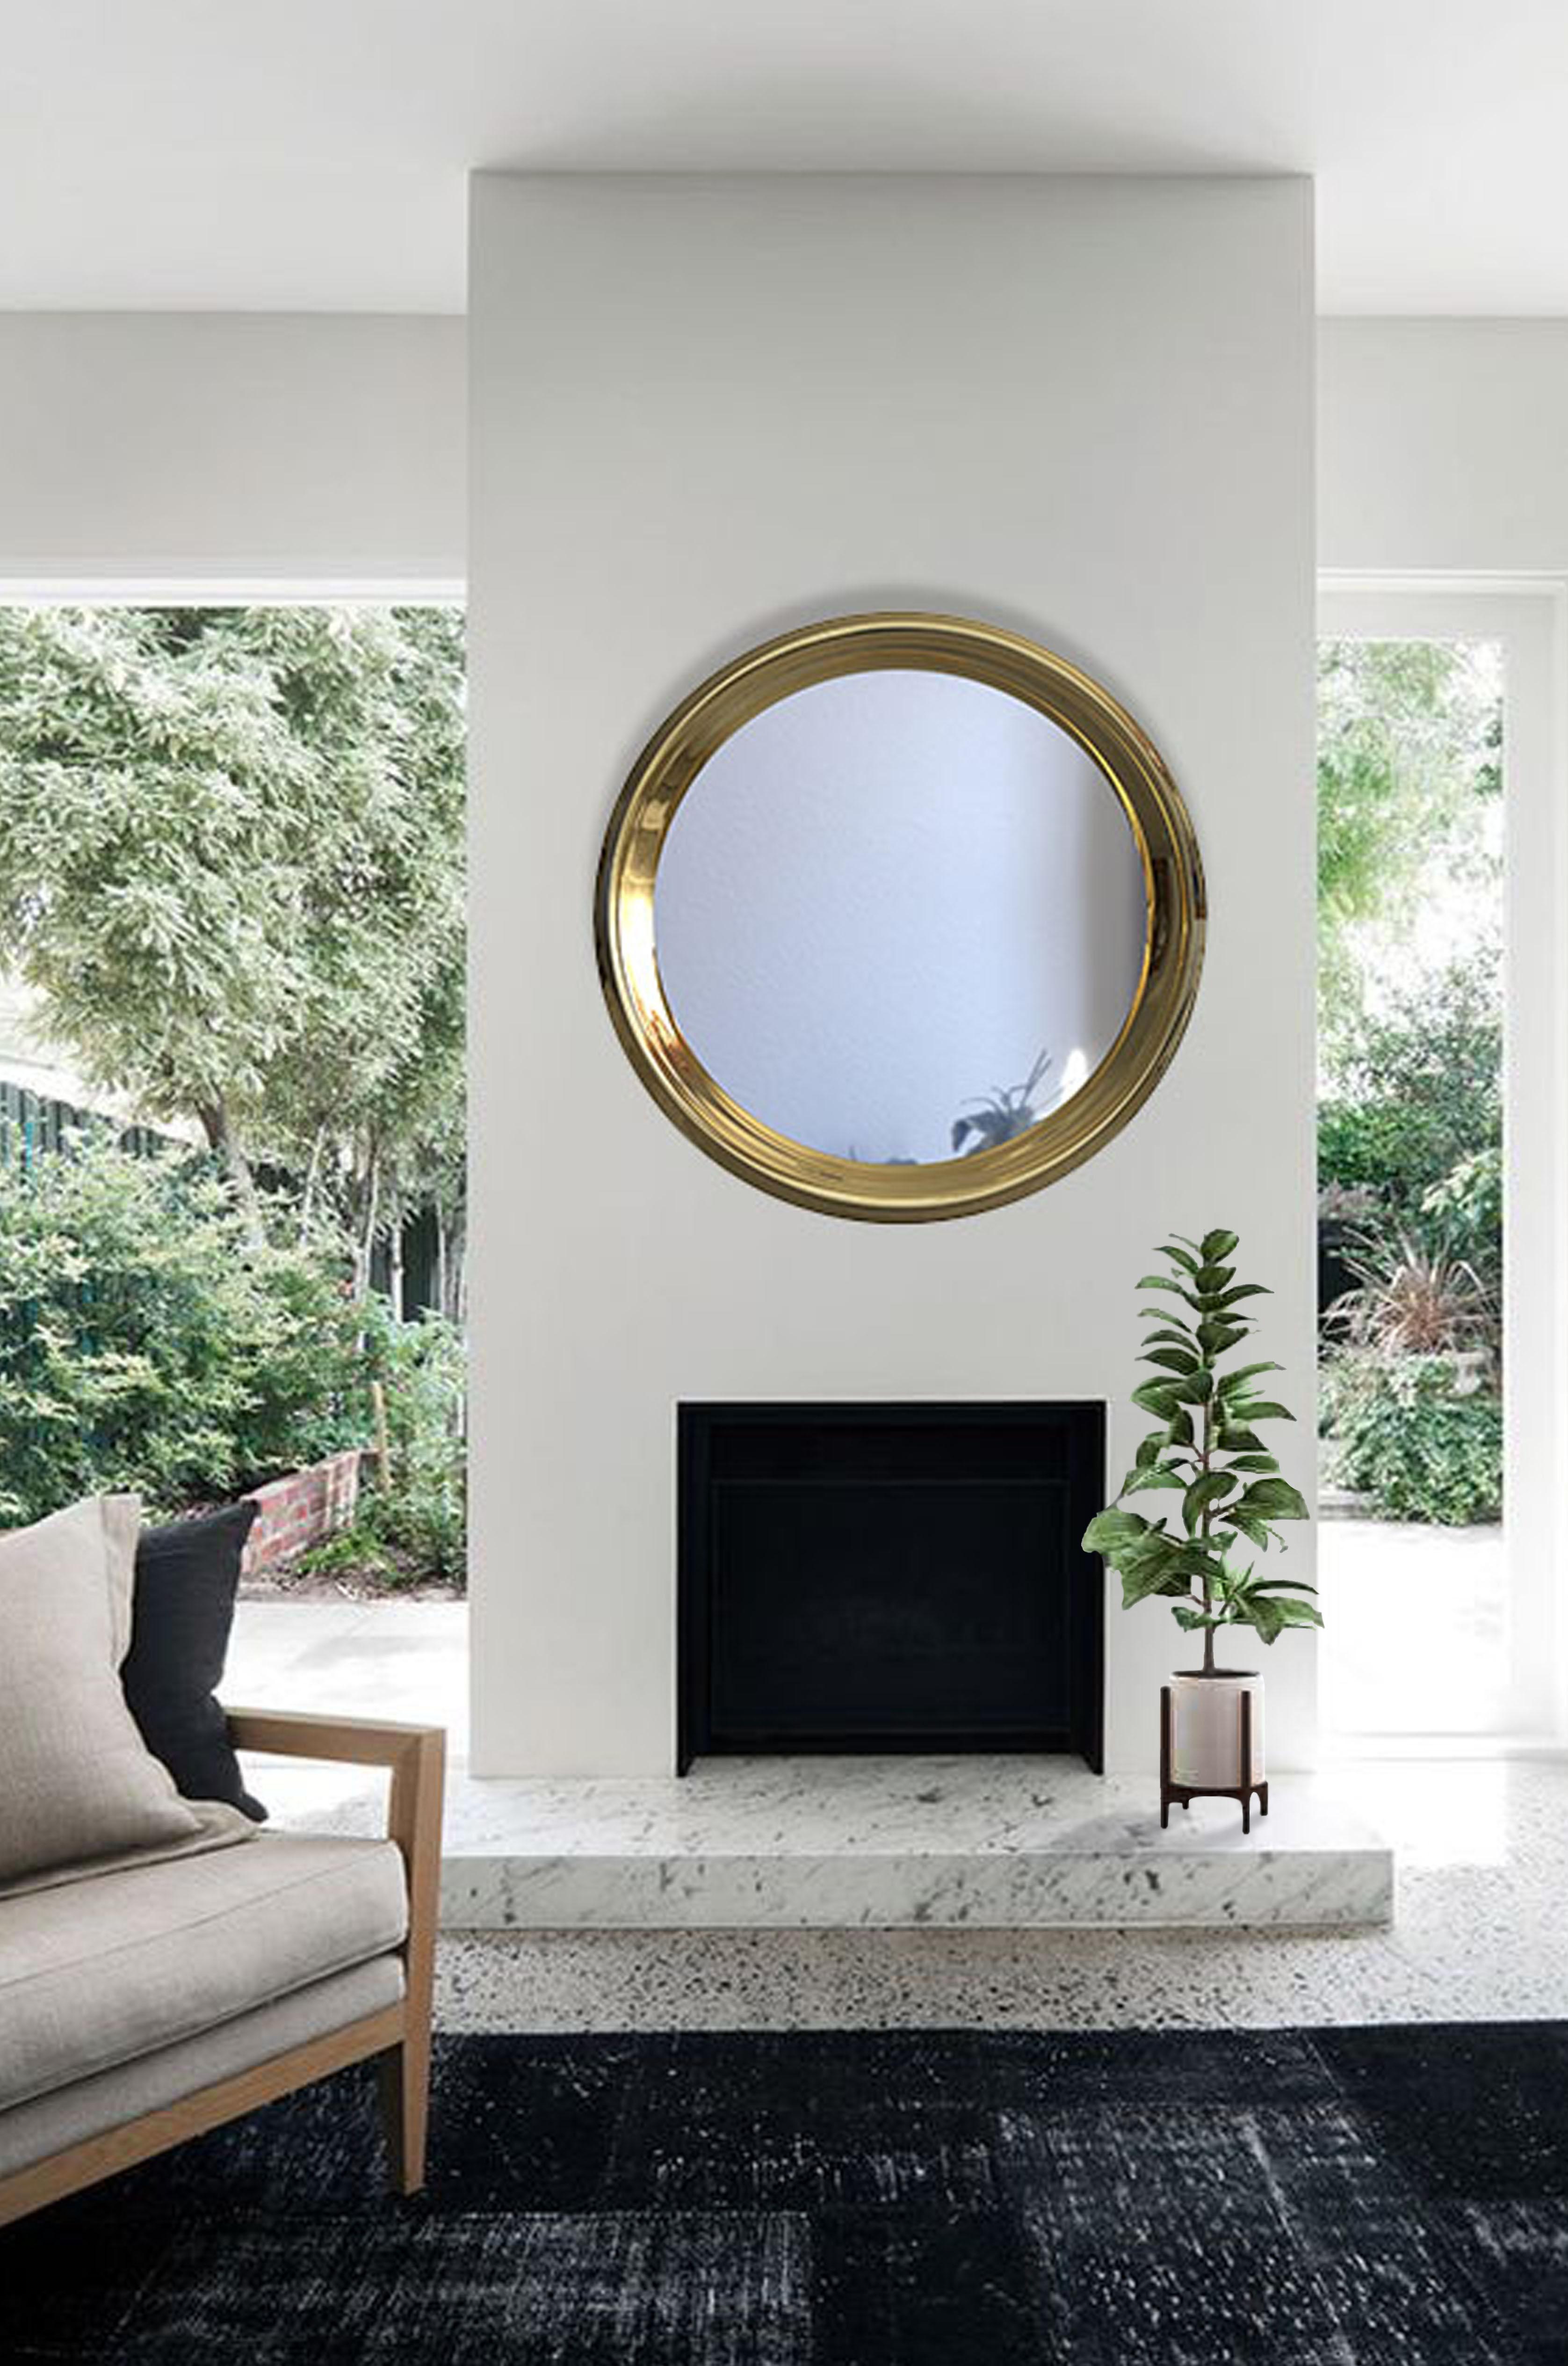 LA Mirror